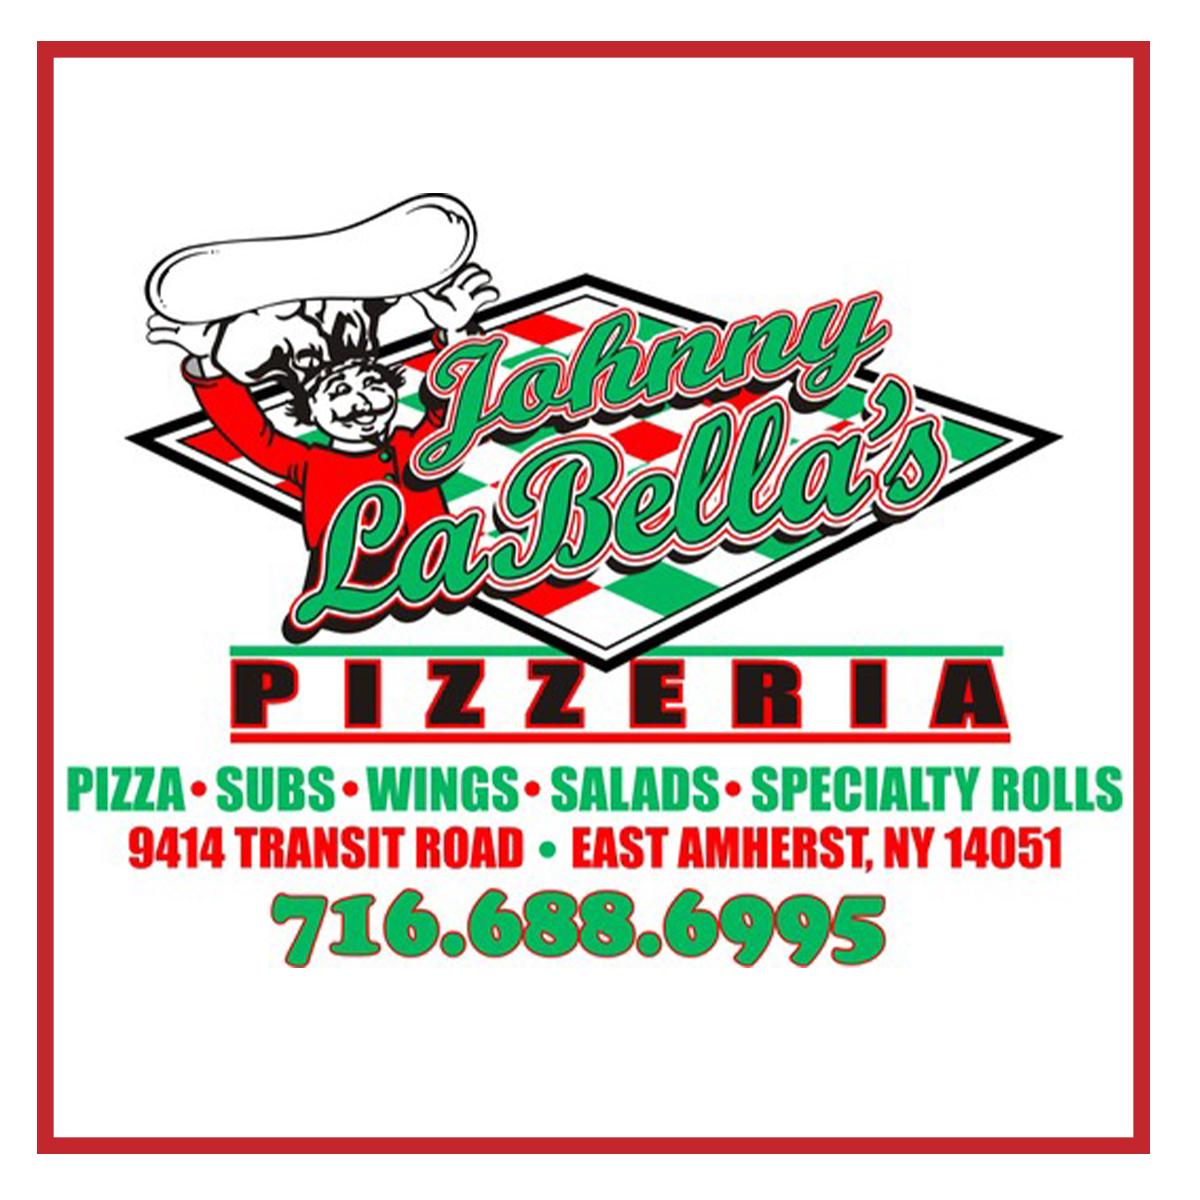 Johnny La Bella's Pizzeria